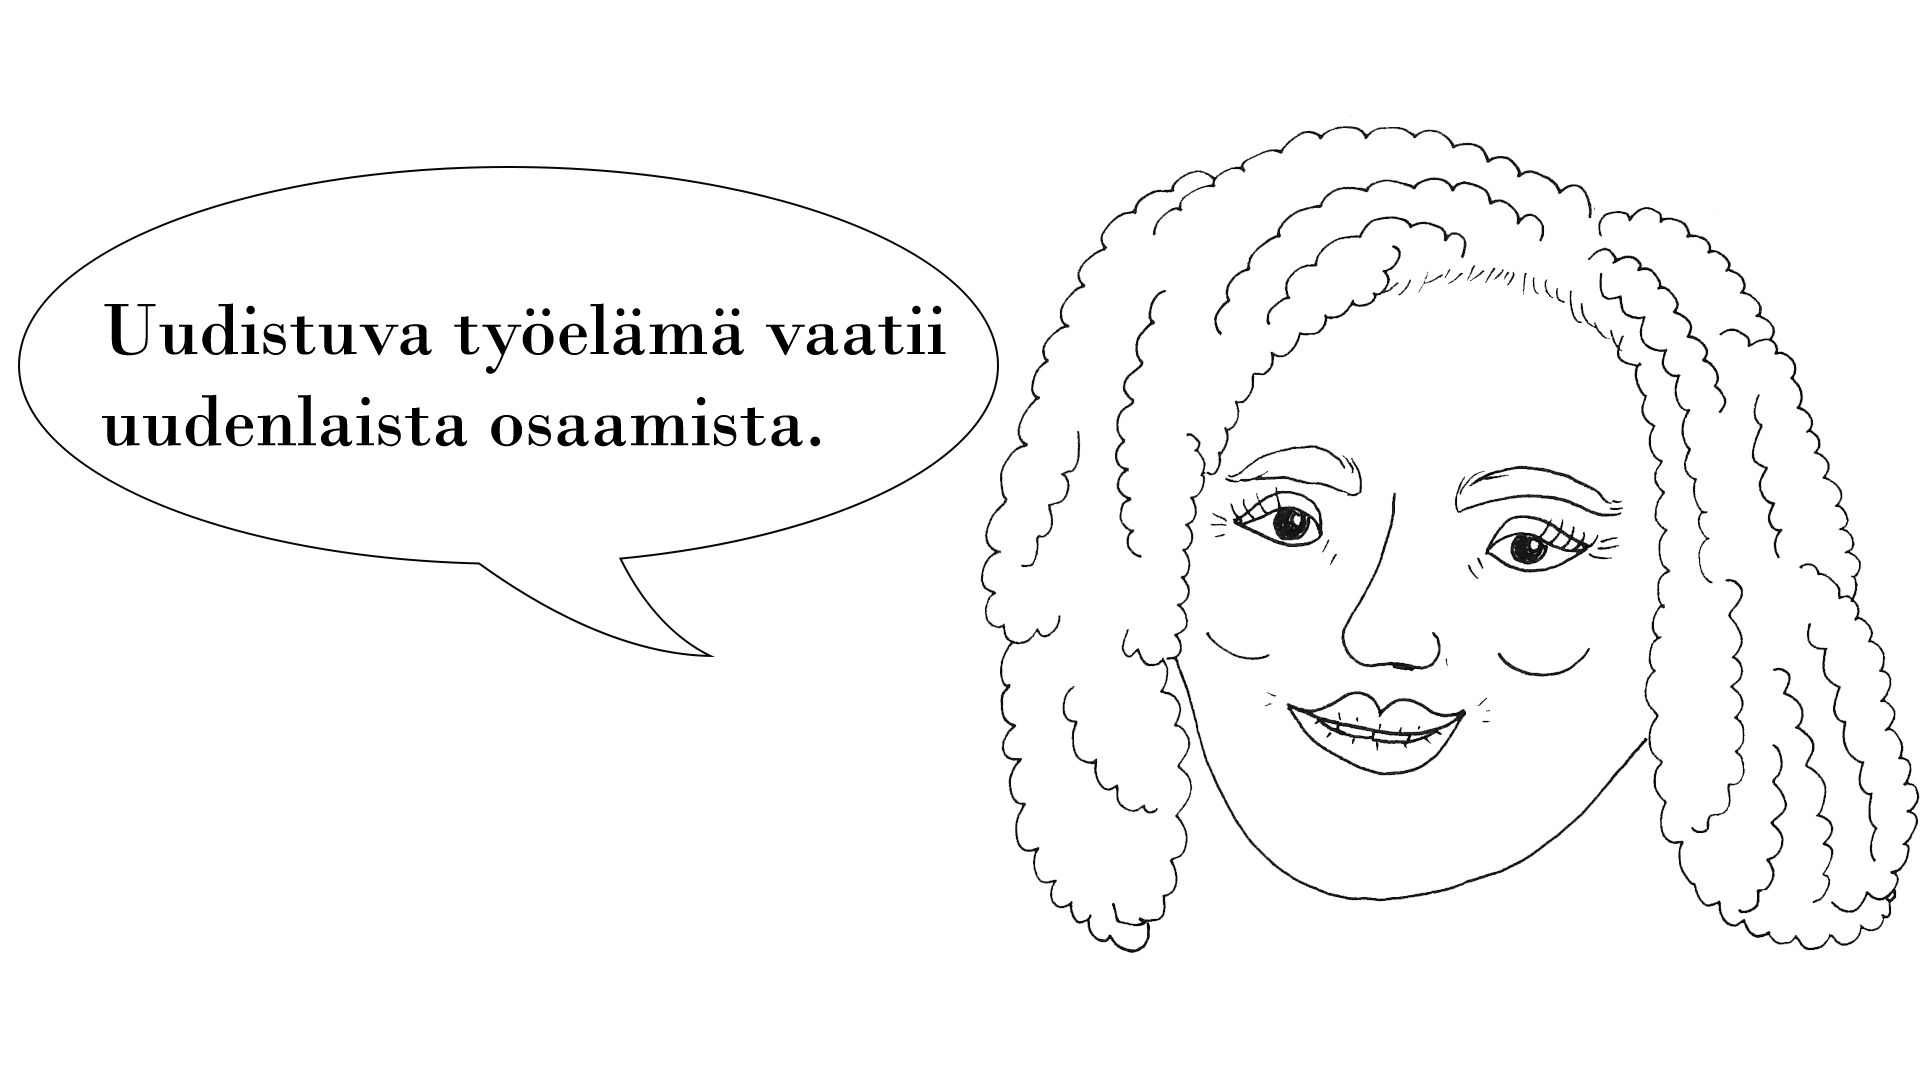 Piirretty kuva kiharatukkaisesta naisesta, joka sanoo: Uudistuva työelämä vaatii uudenlaista osaamista.